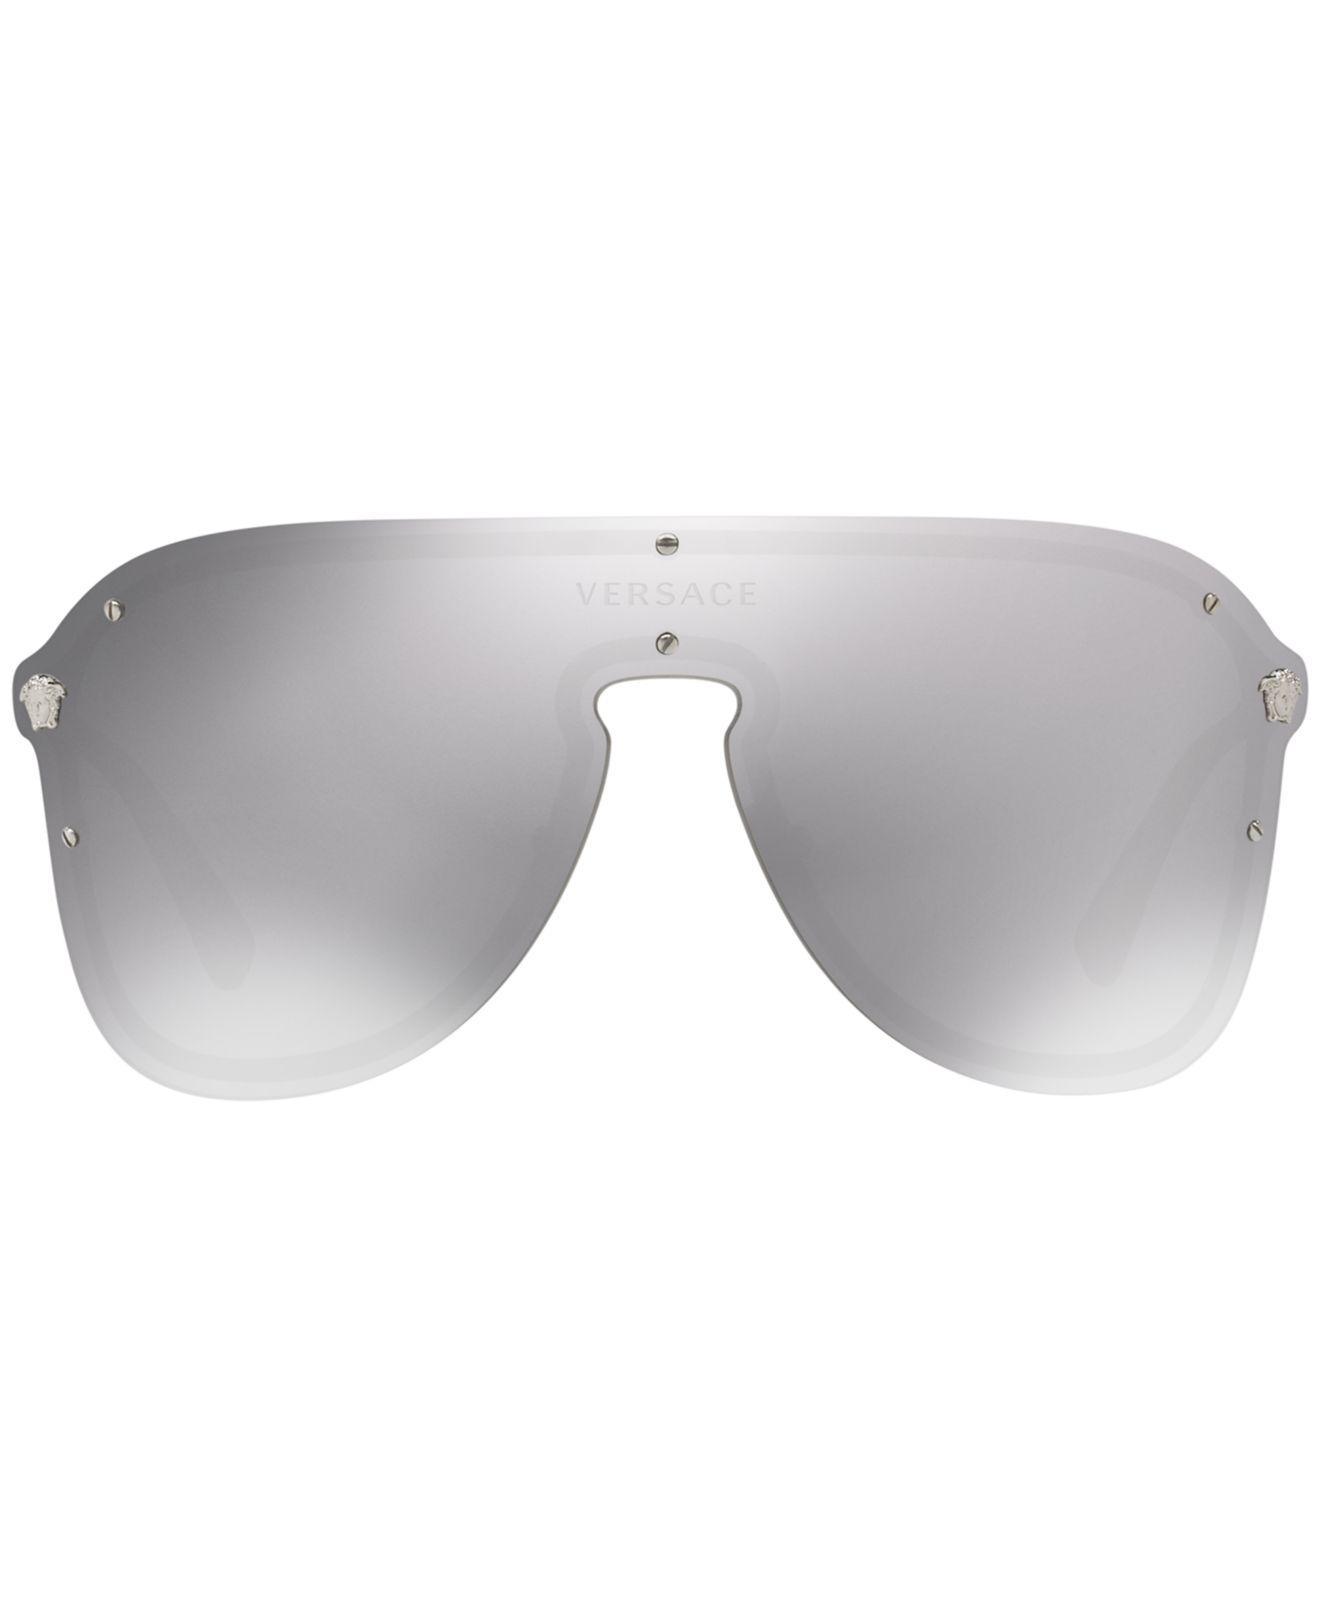 cec91e1f57 Lyst - Versace Sunglasses